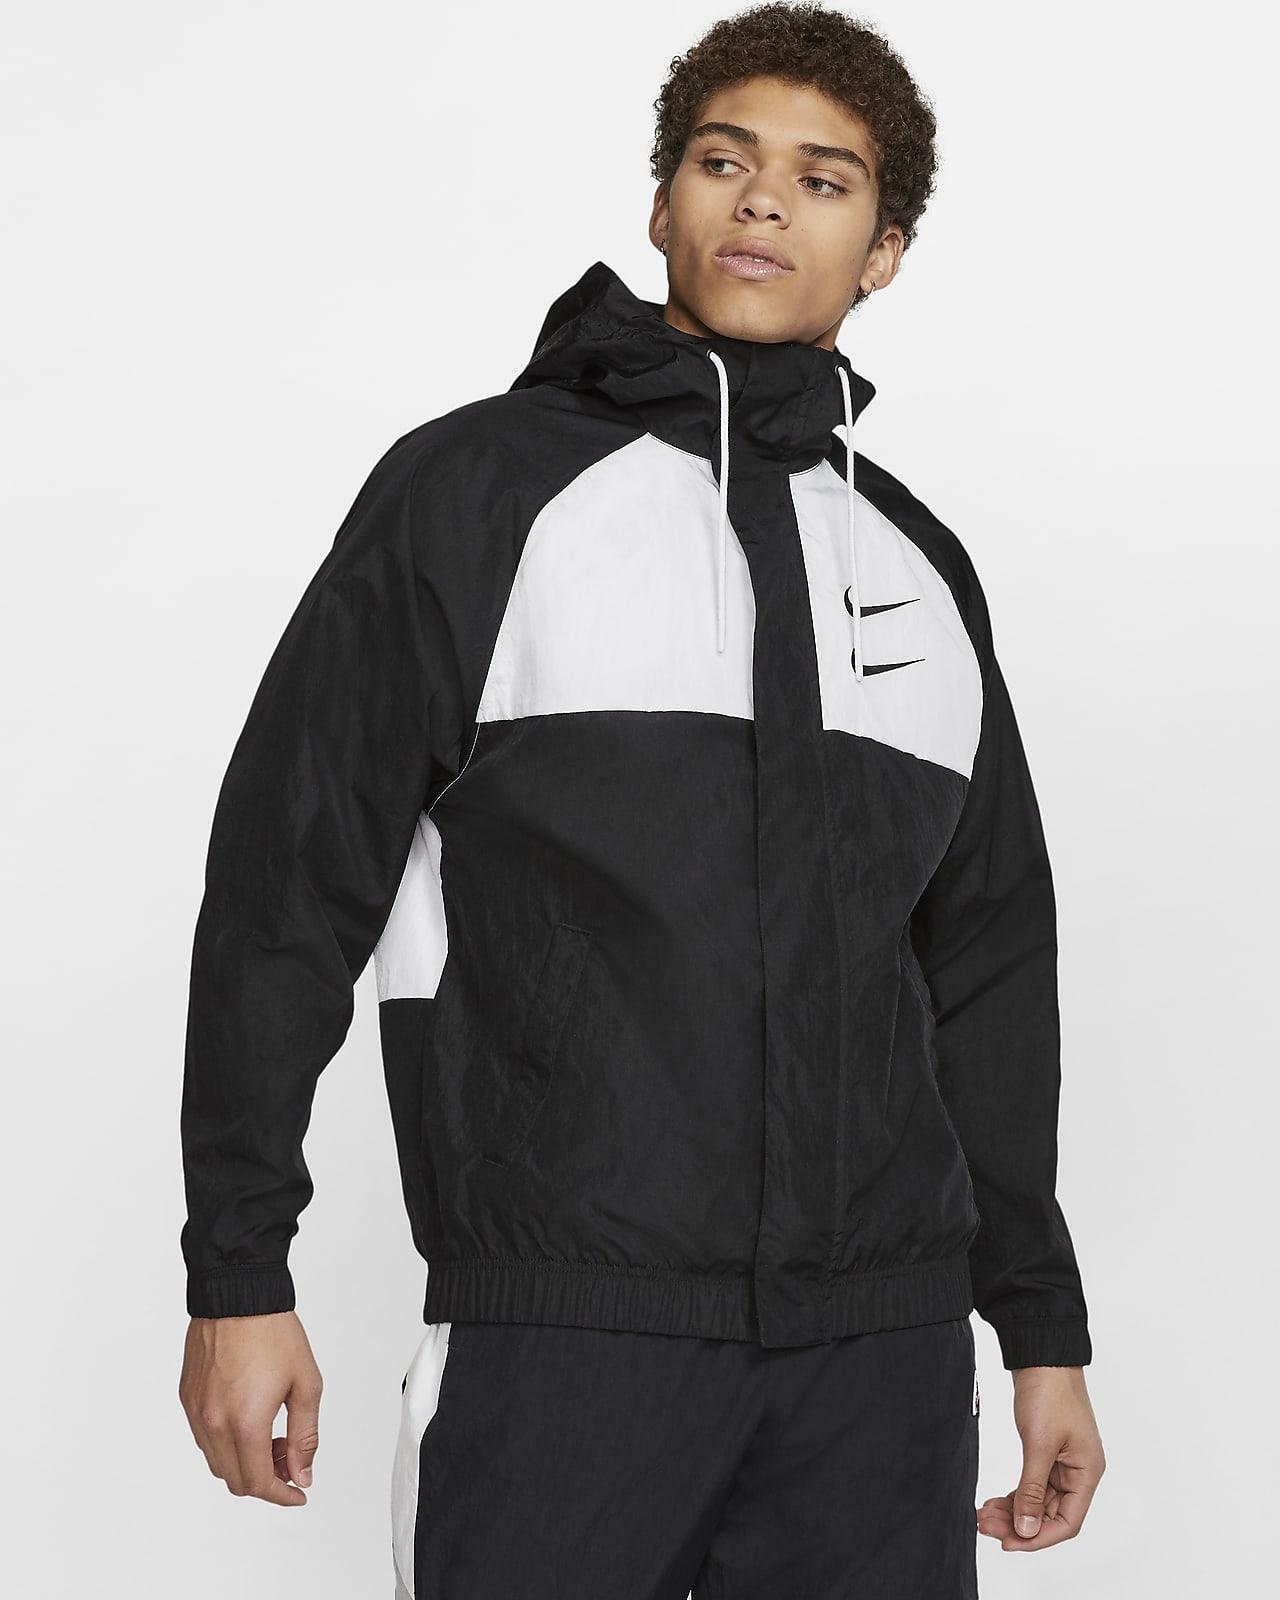 Veste à capuche Nike Sportswear Noir Collection Automne